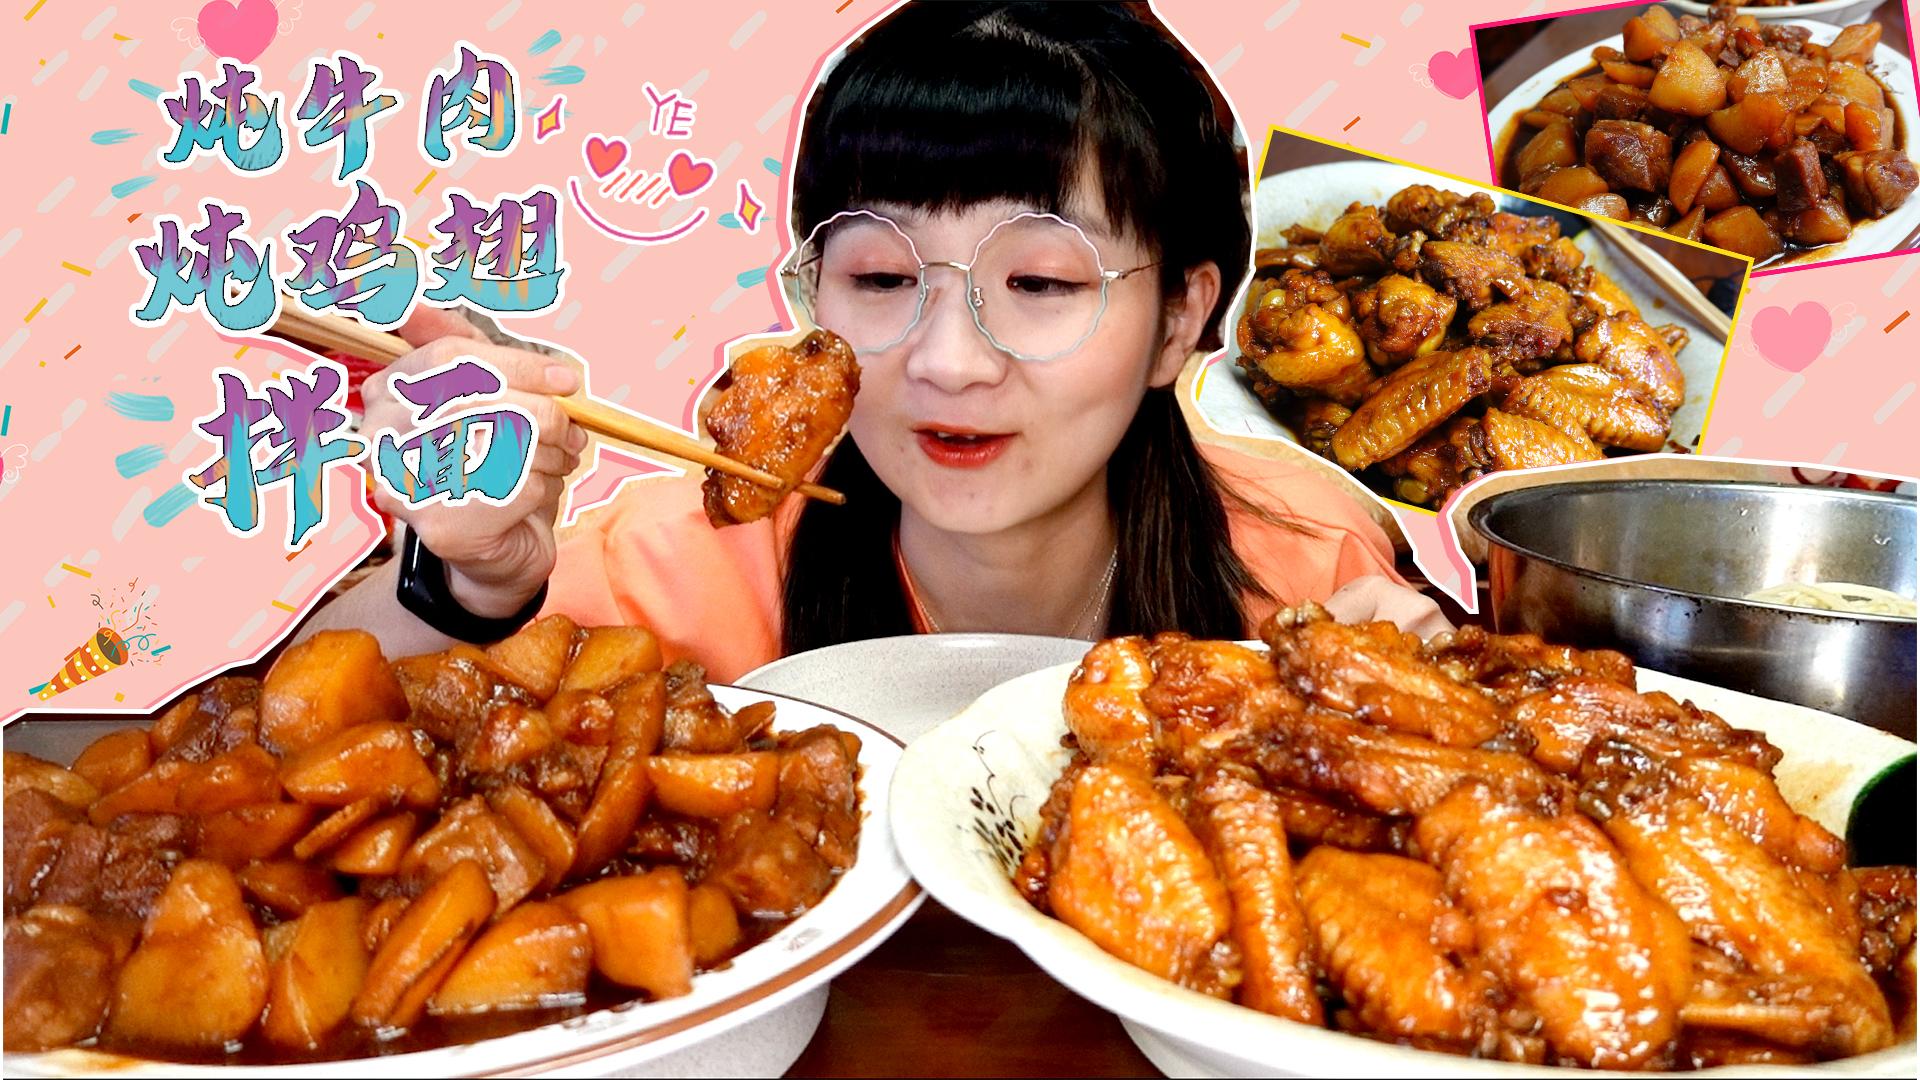 【小猪猪宅家自制】大盆红烧鸡翅、牛肉炖土豆,汤汁下面神器!